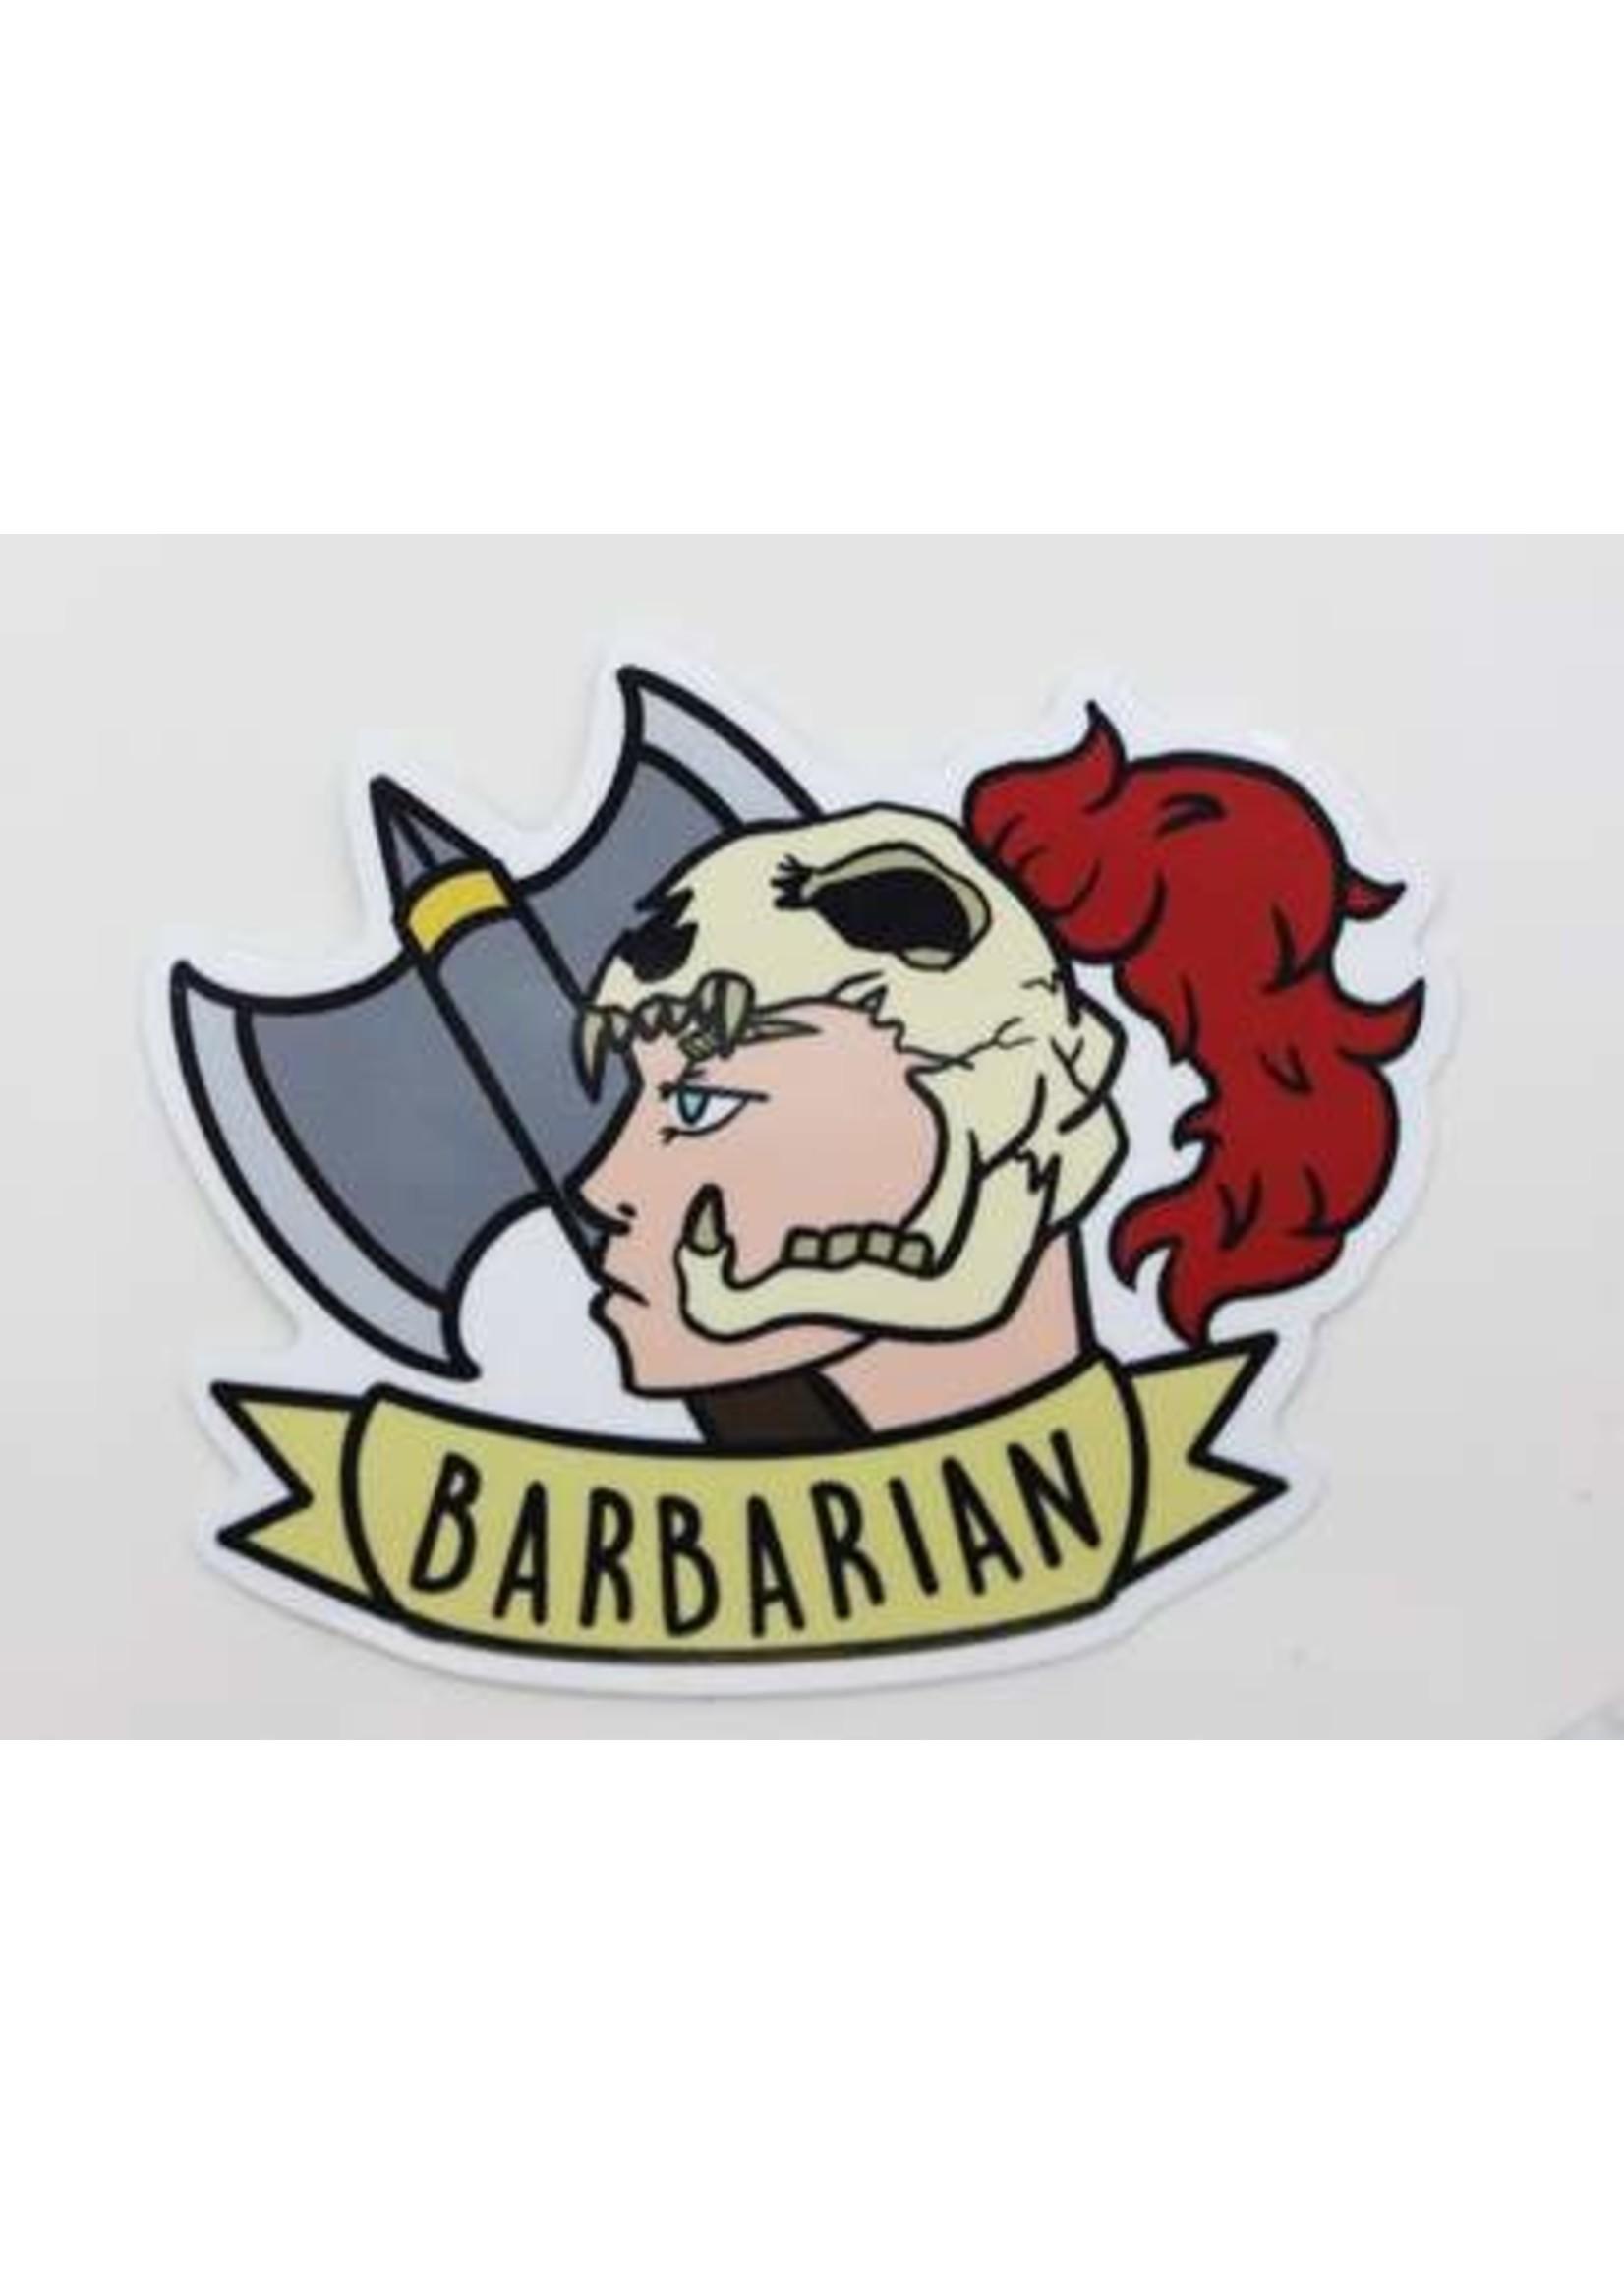 Banner Class Sticker: Barbarian